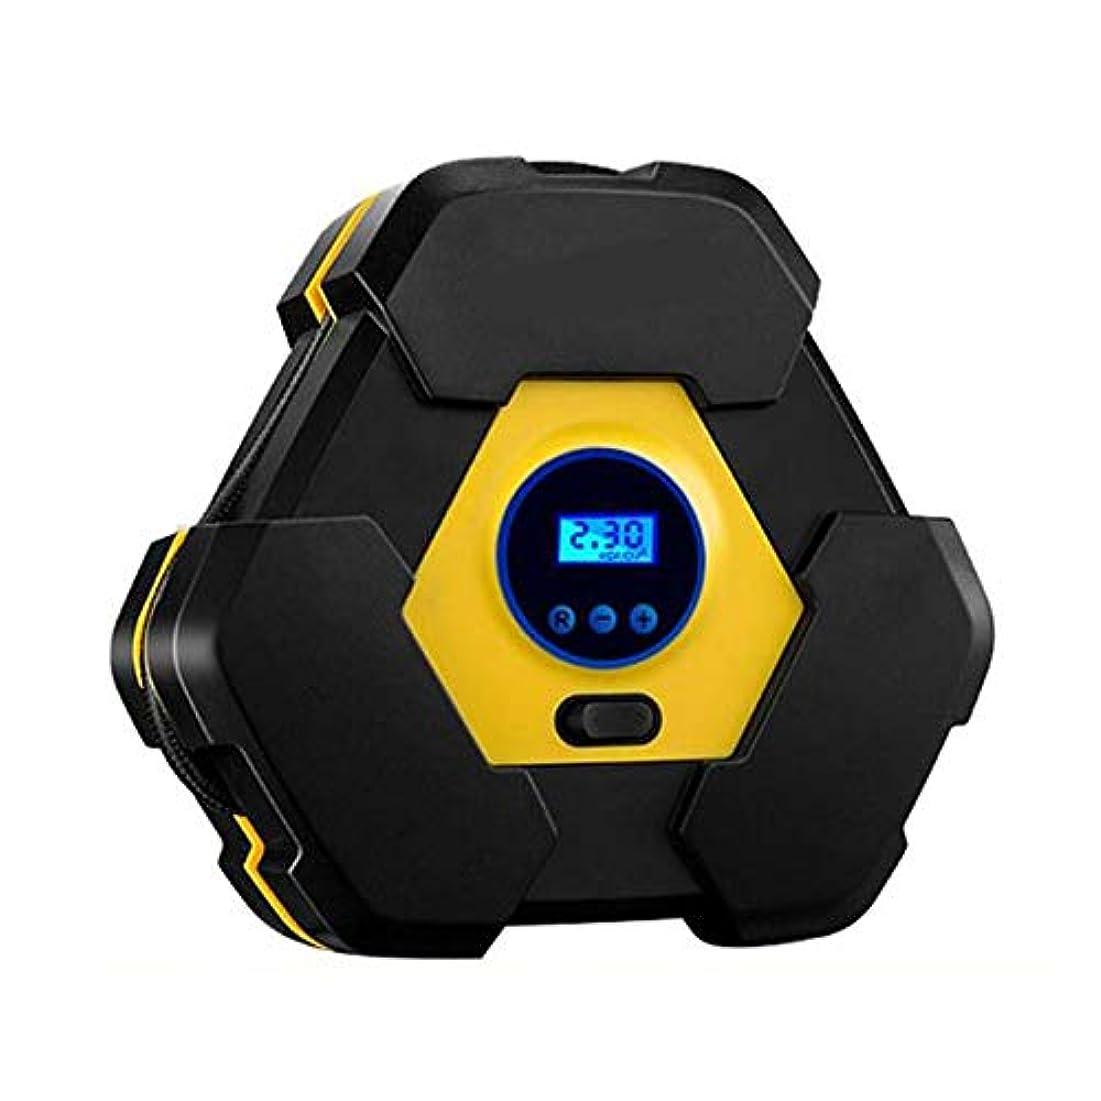 下手スペイン語ダニ自動車タイヤボールインフレータブルオブジェクトのポータブルデジタル表示オートエアーコンプレッサーポンプDC 12V 150PSI